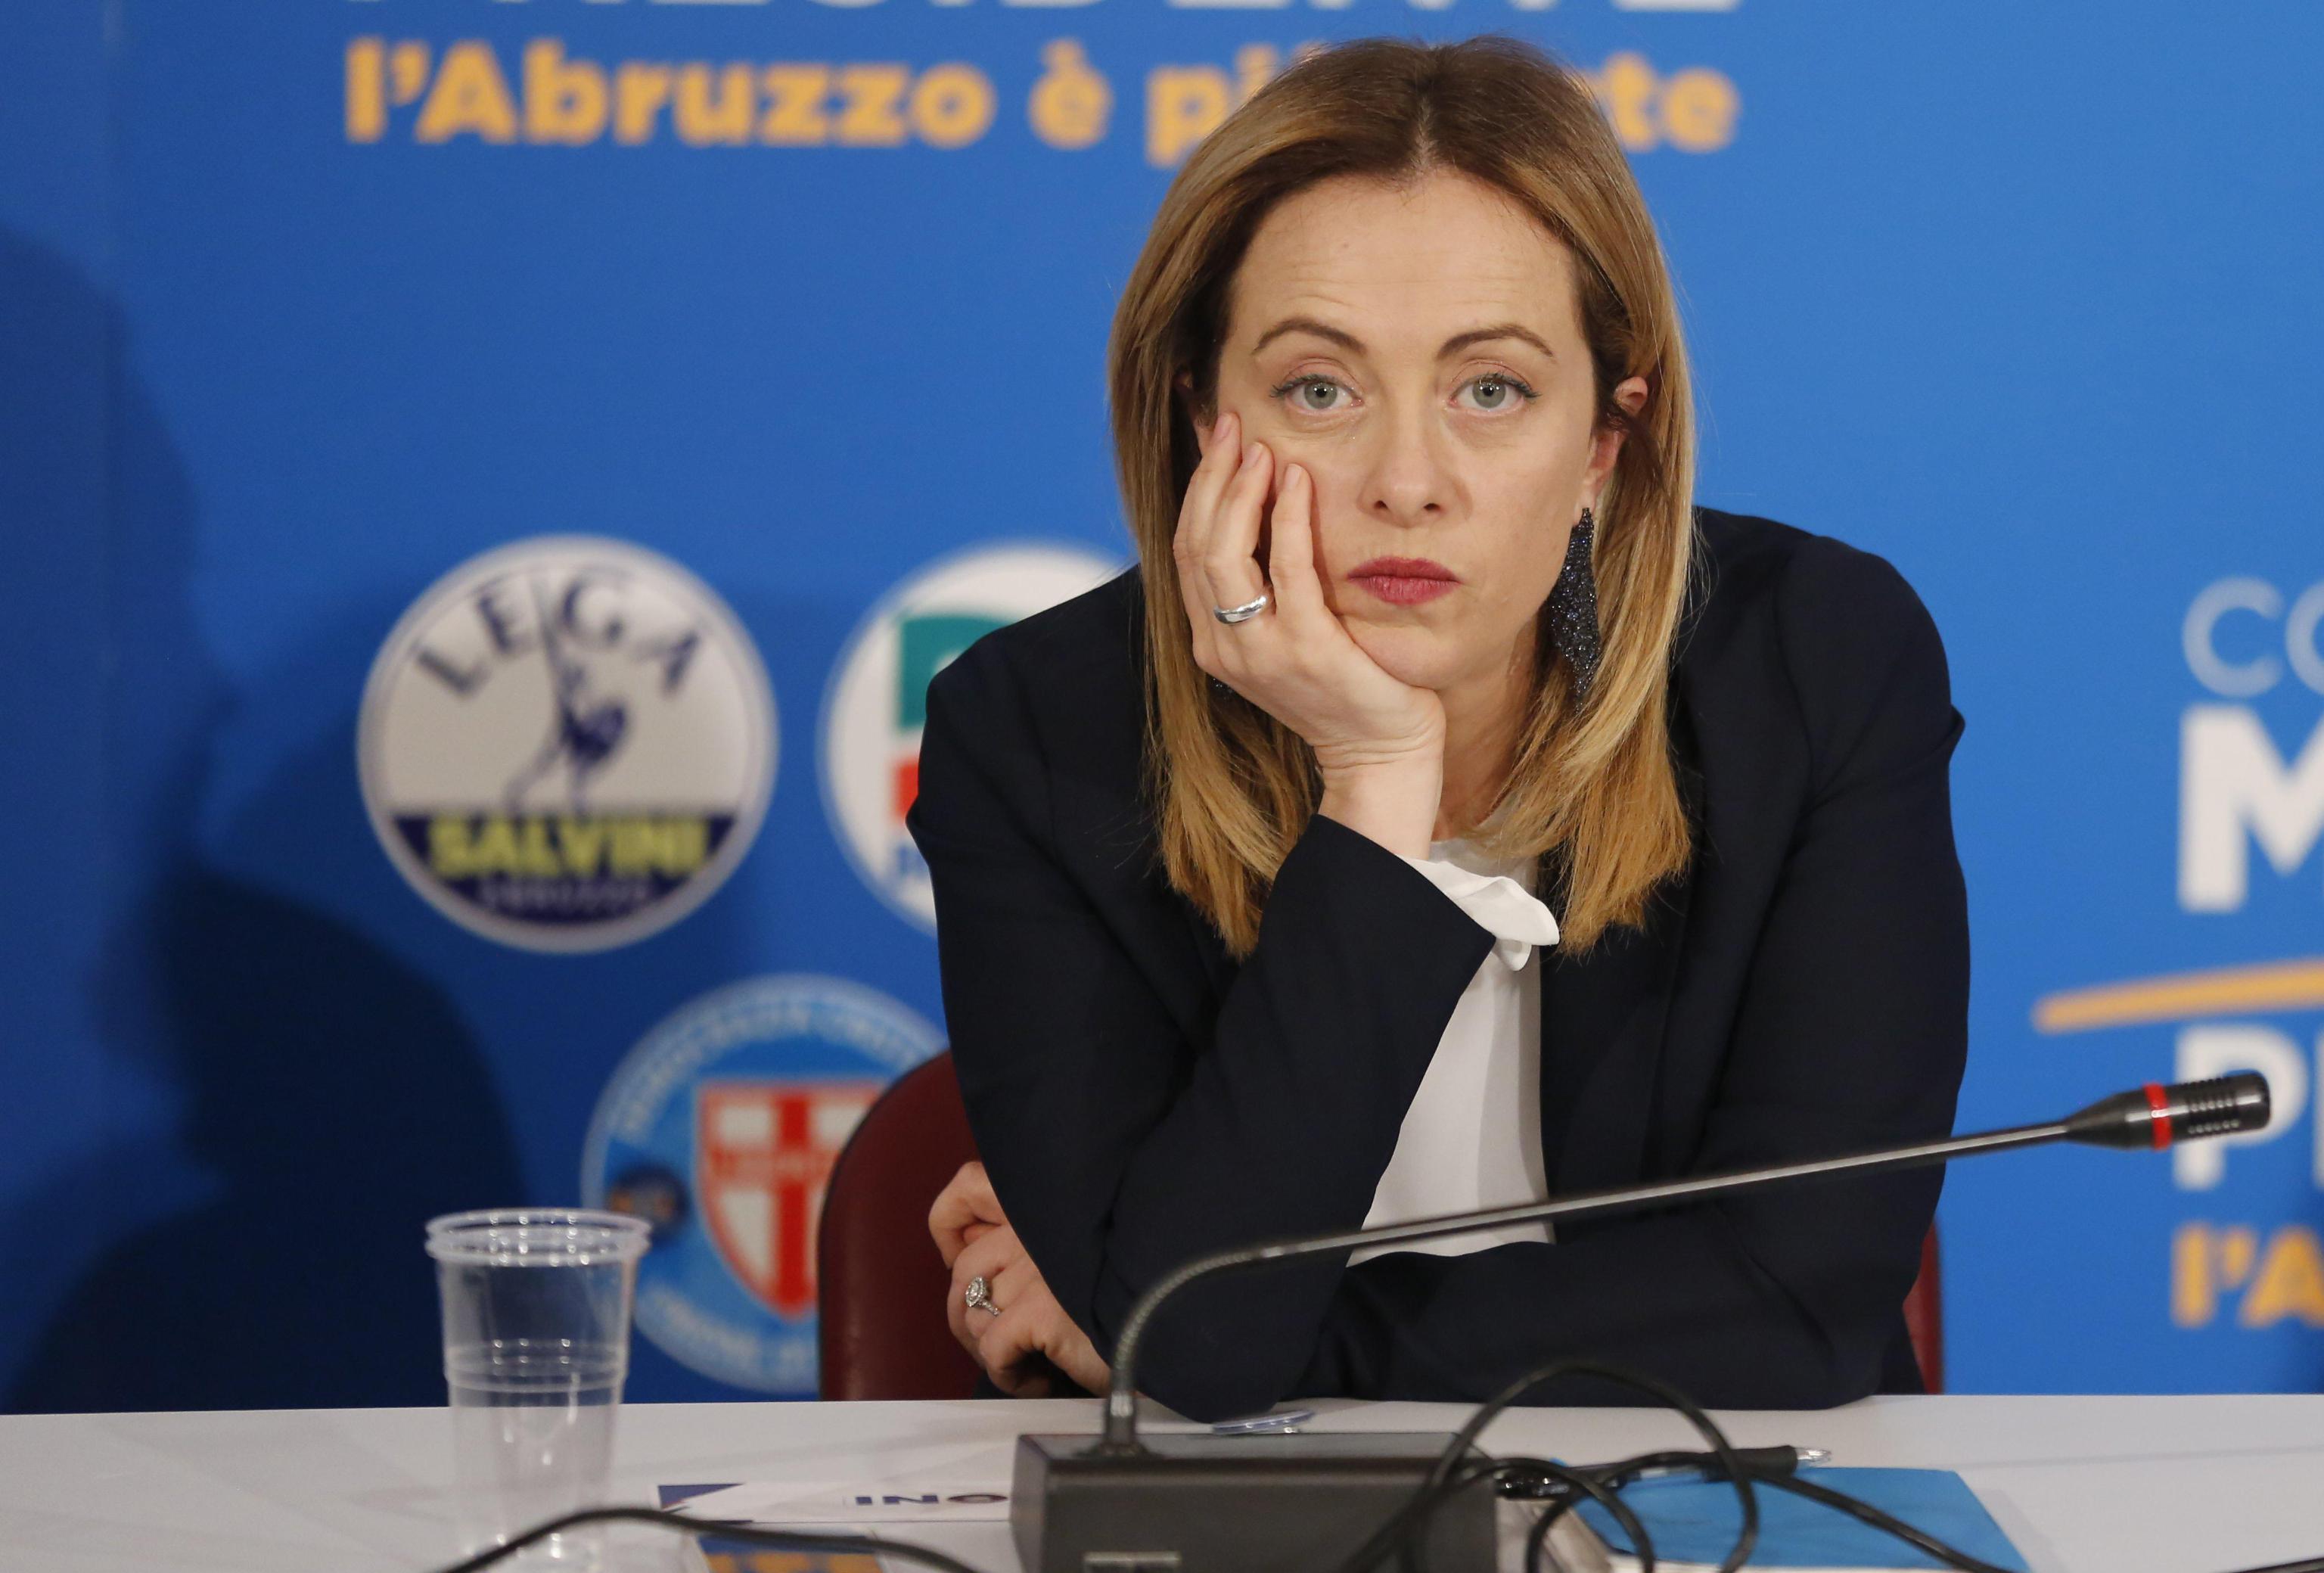 Giorgia Meloni contro Fazio e Saviano: 'Due ricchi che fanno la morale sui migranti'